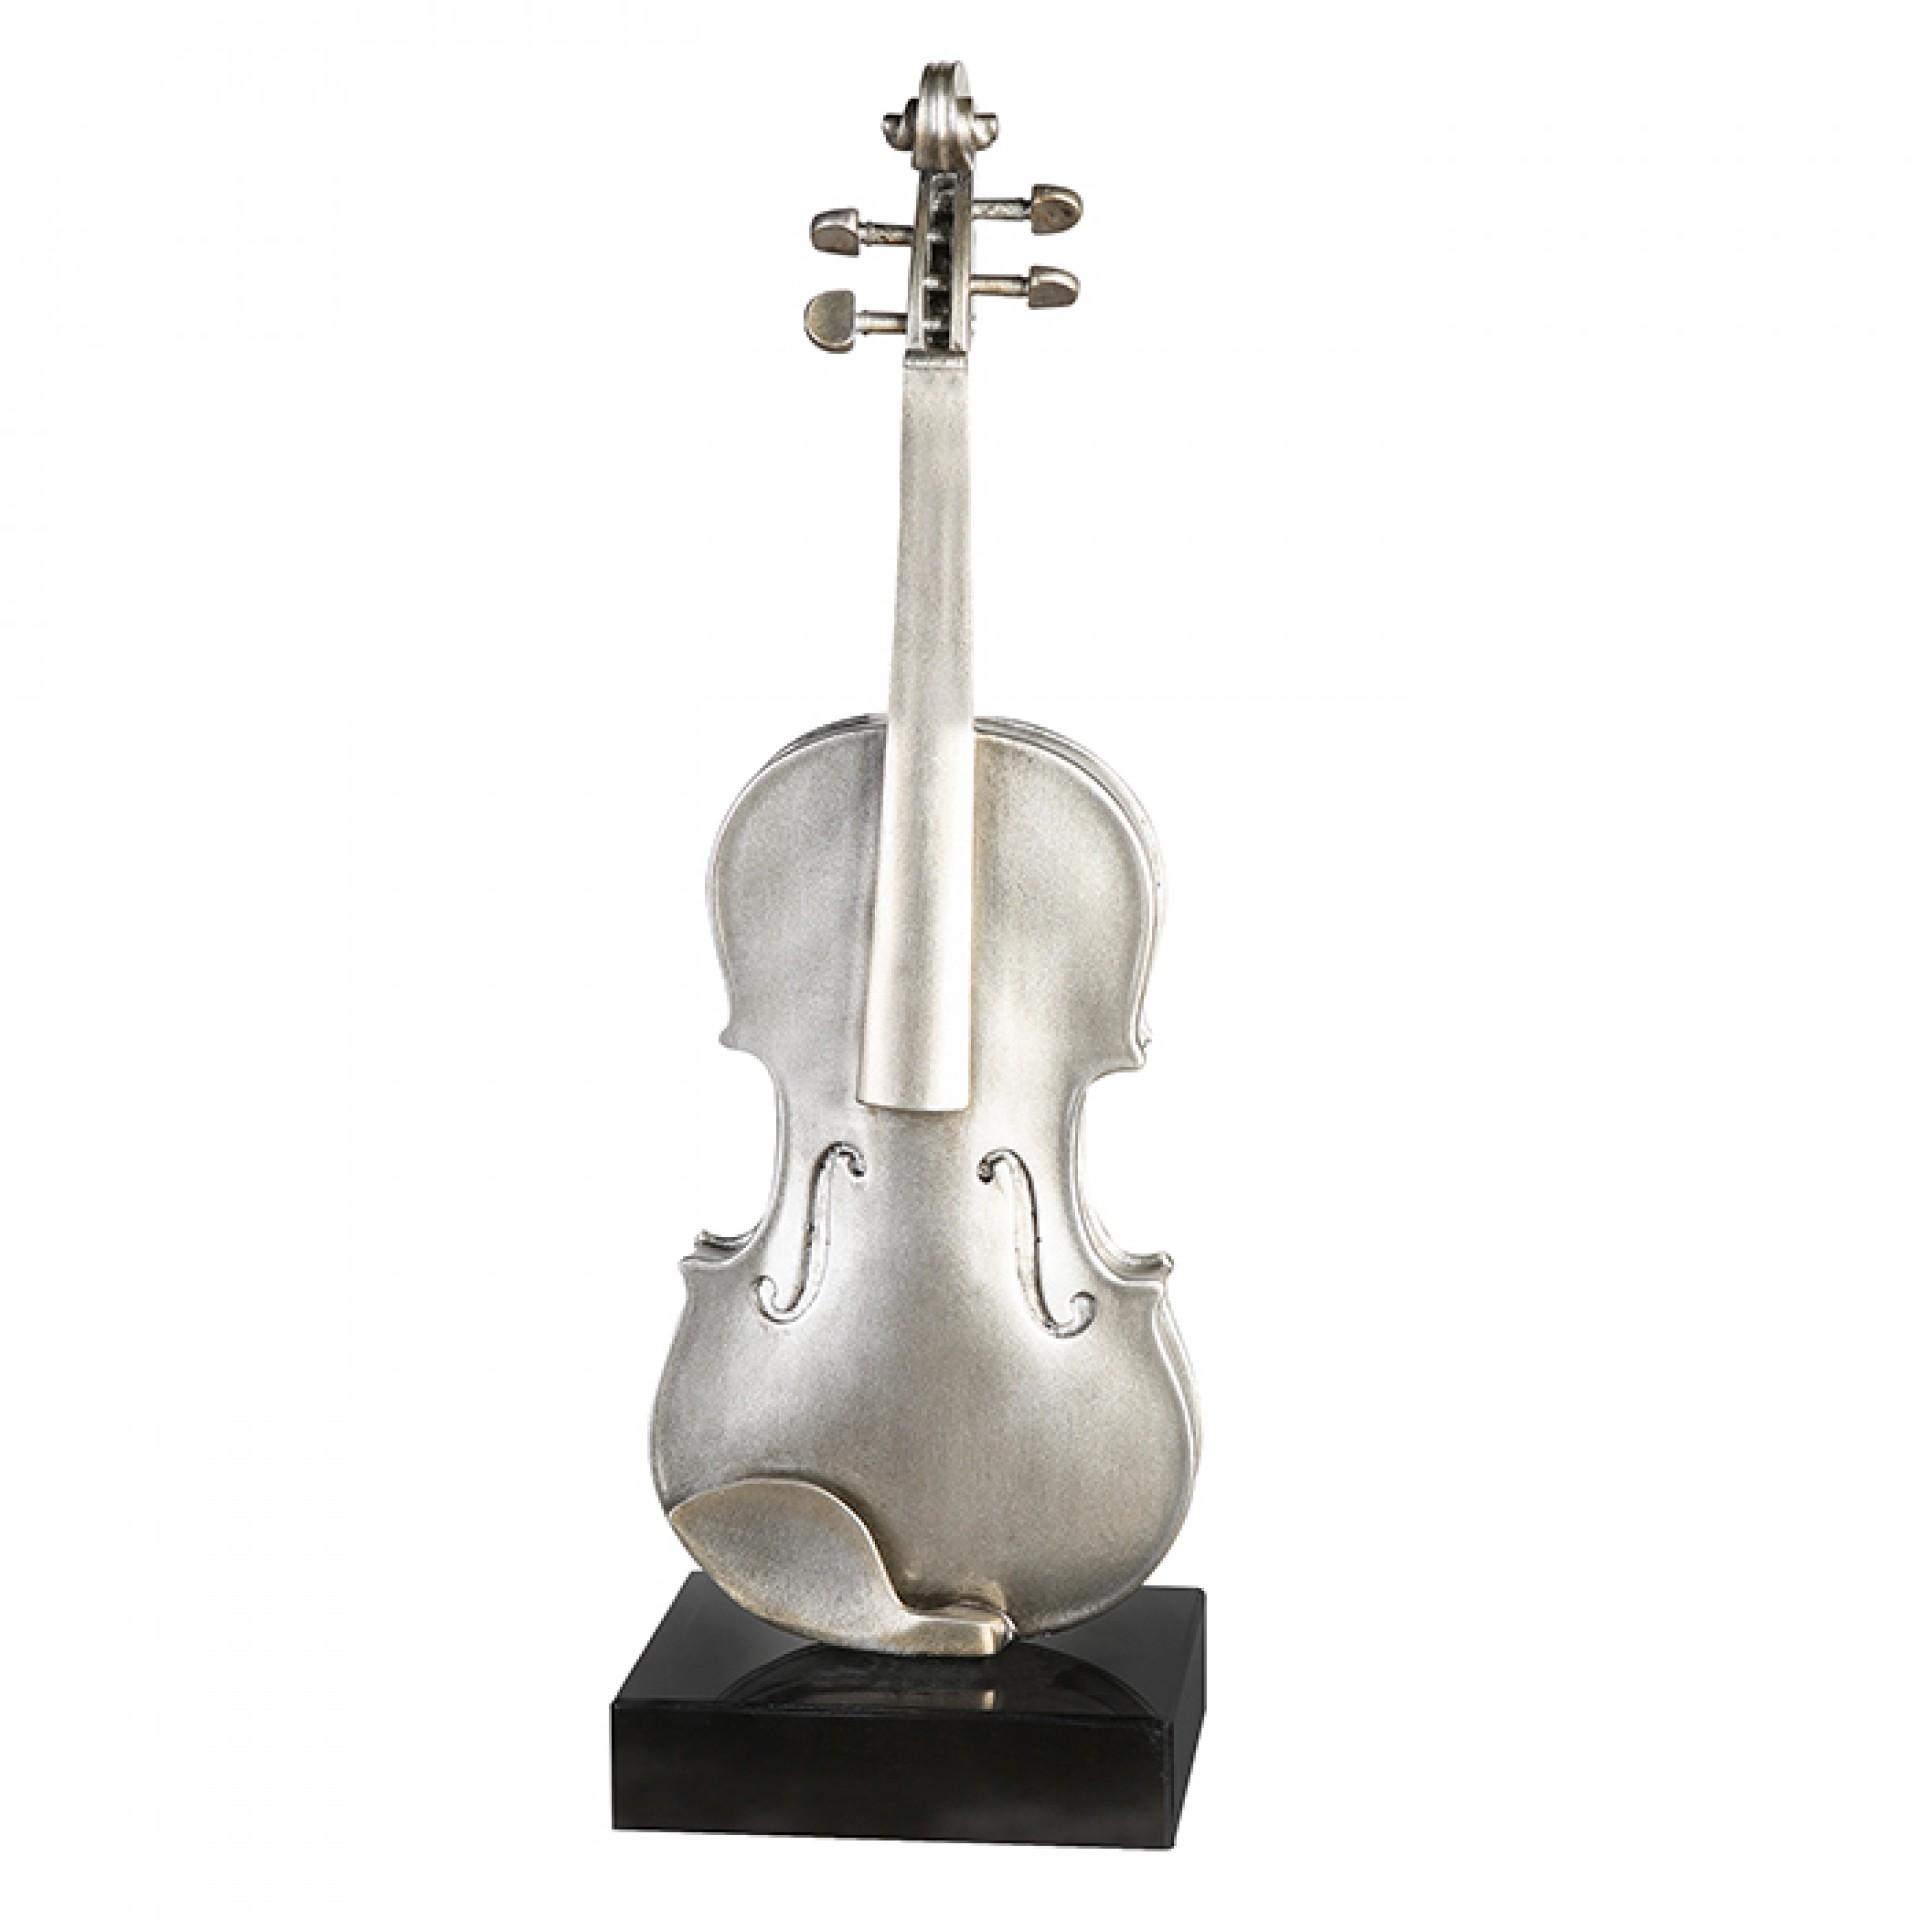 Plastika Violine na mramorovém podstavci, 65 cm, stříbrná/champagne